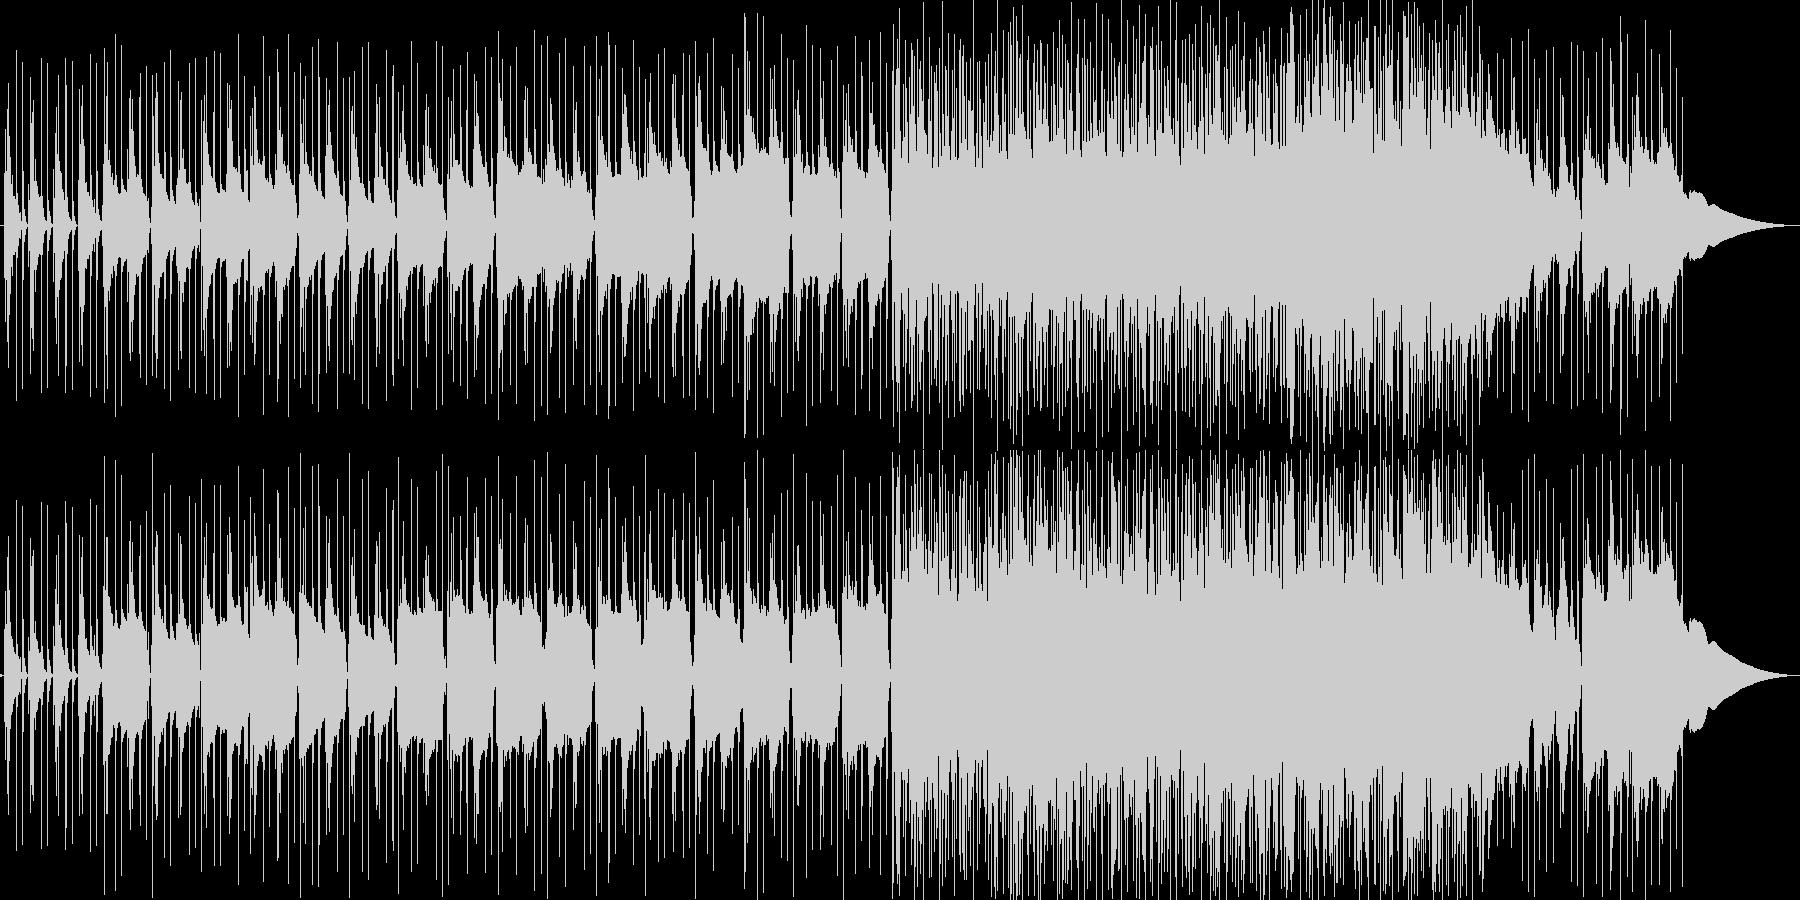 リズムギターmidiトランペット風の音…の未再生の波形